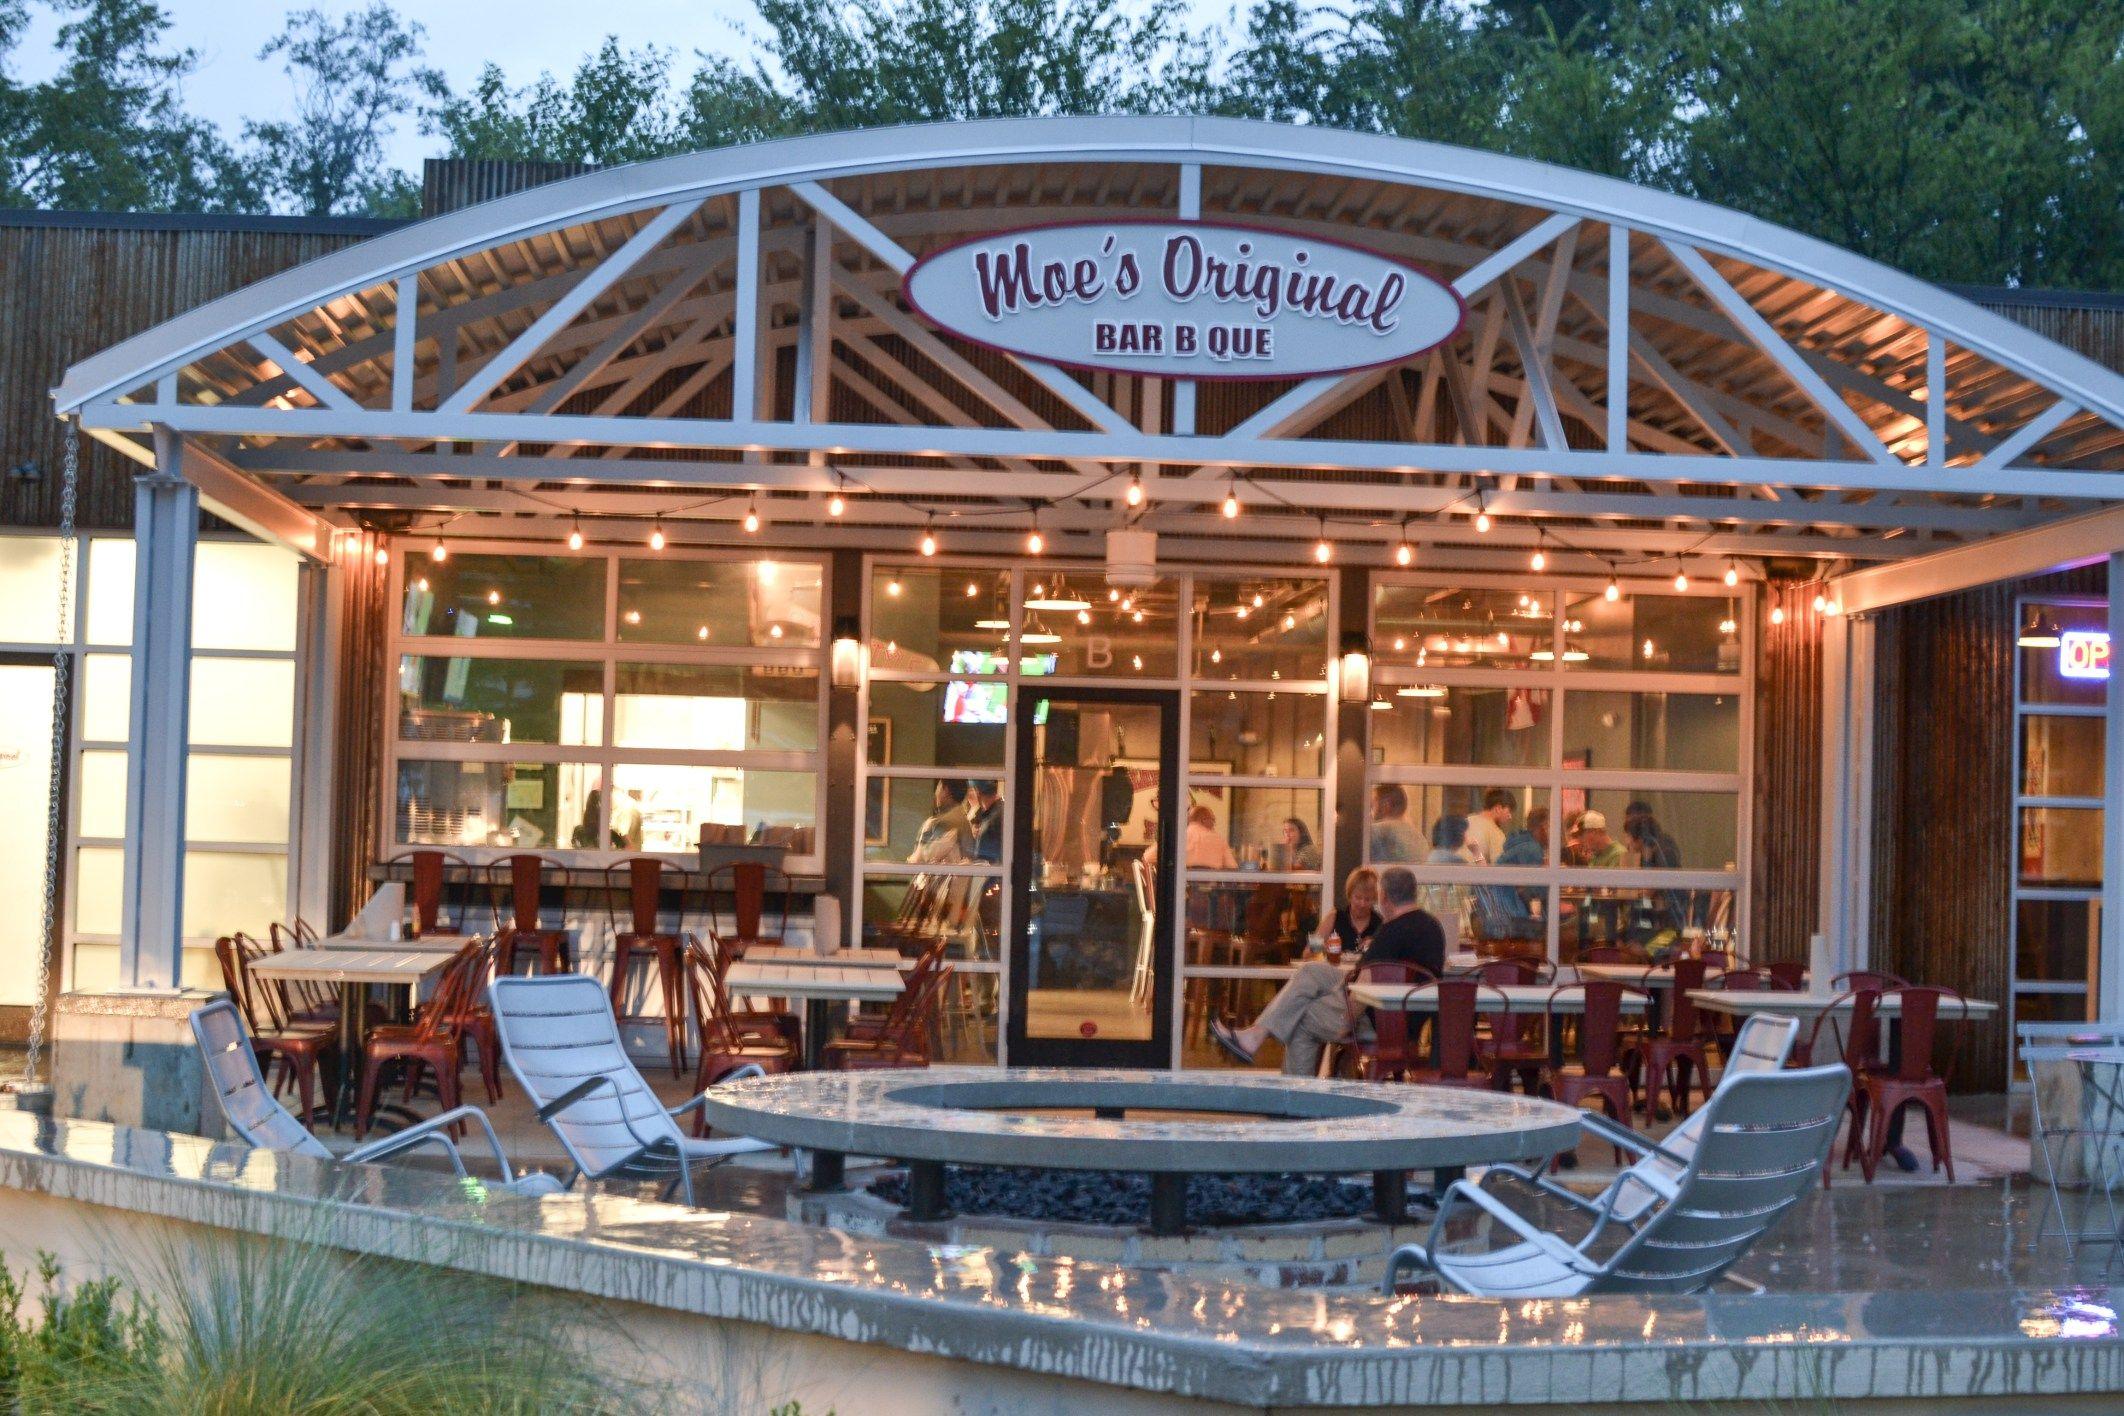 Moe S Original Bar B Que Greenville Restaurants Lifestyle Blogger Bar B Que Greenville Restaurants The Originals